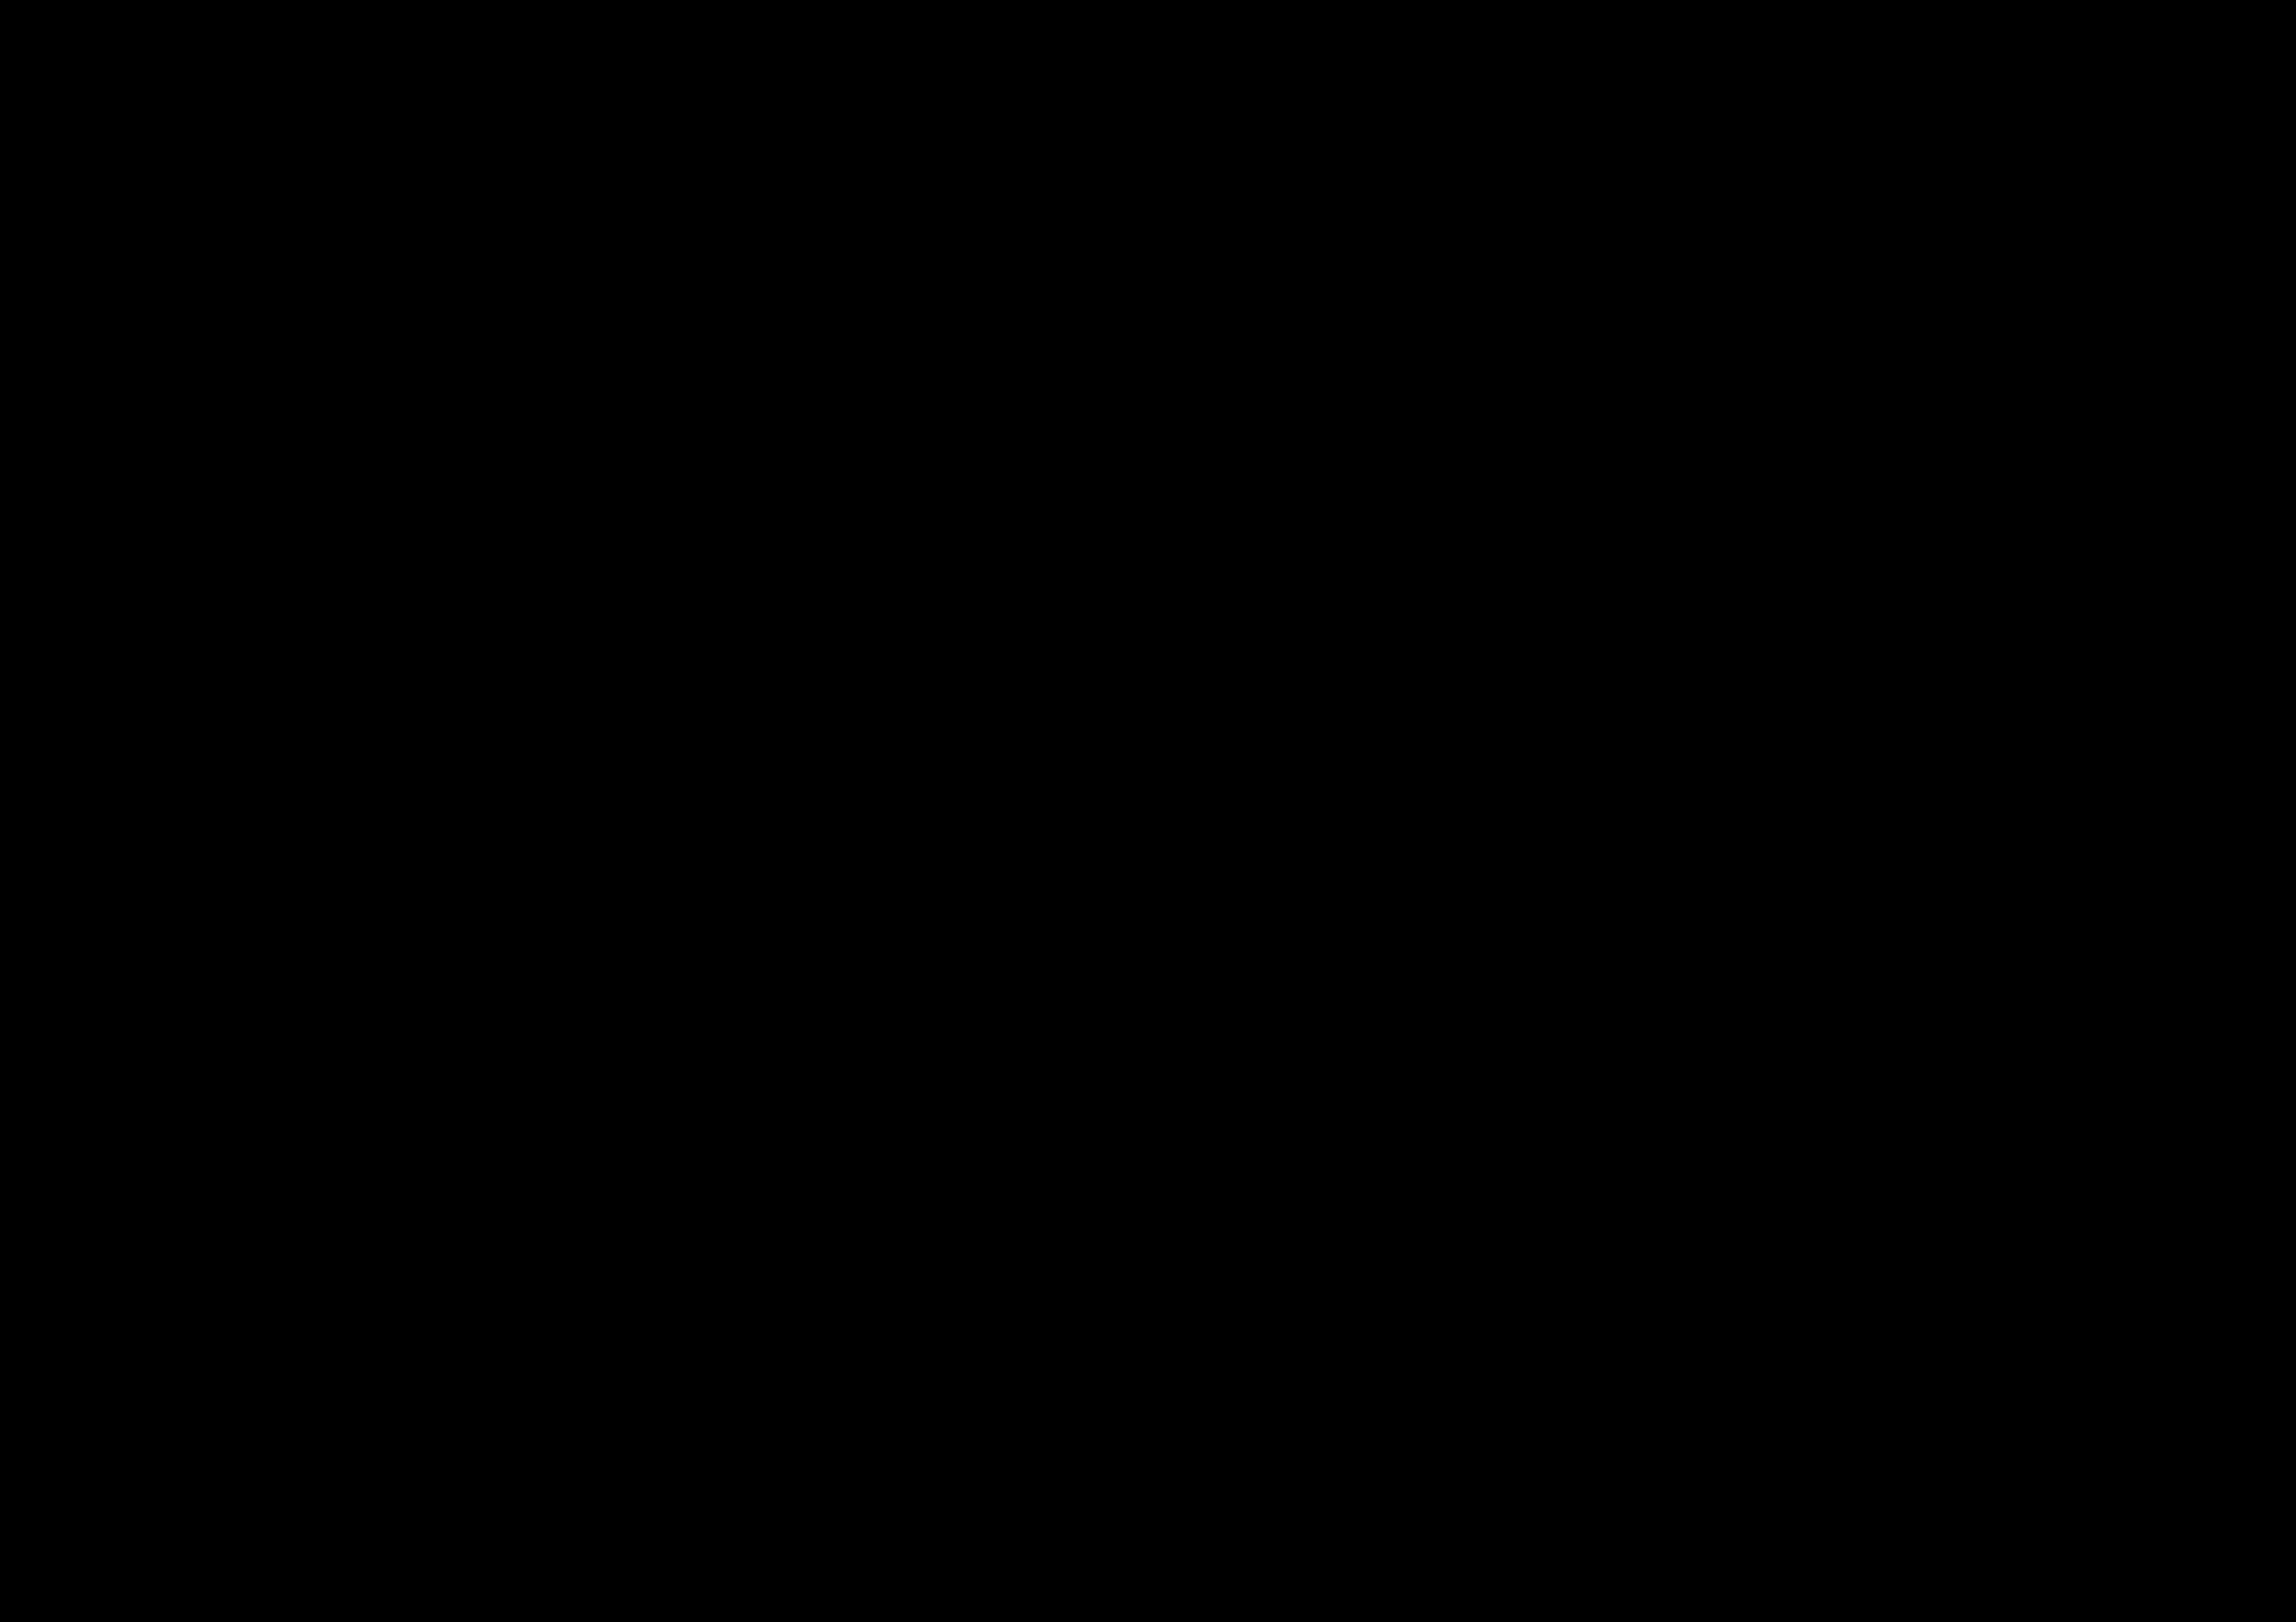 I TORNEO DE BALONMANO PLAYA DE VELILLA DEL RIO CARRION